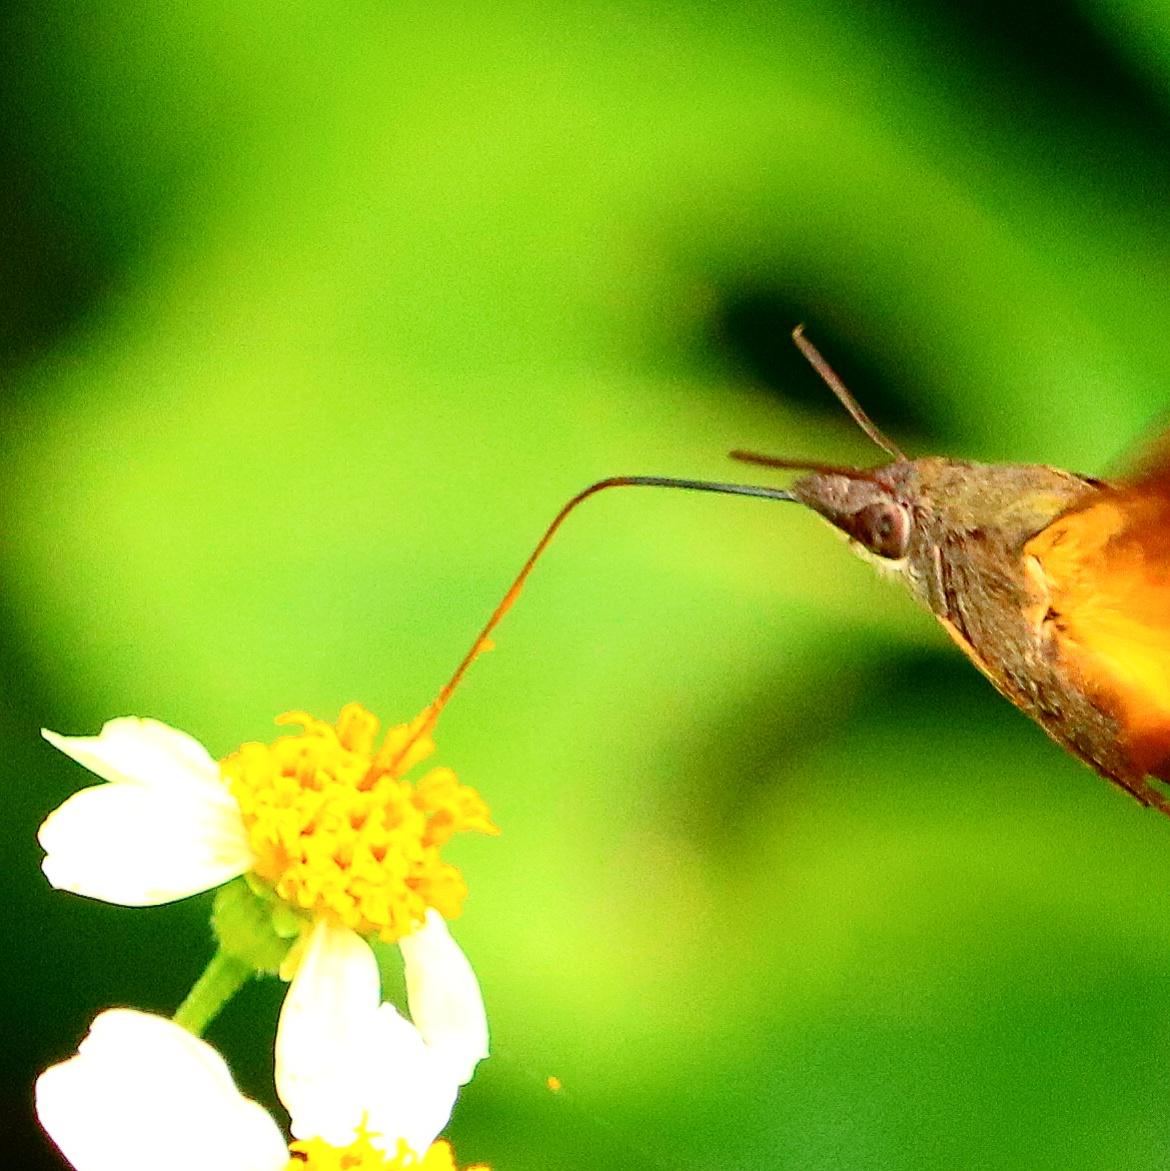 ハチドリと間違われる蛾